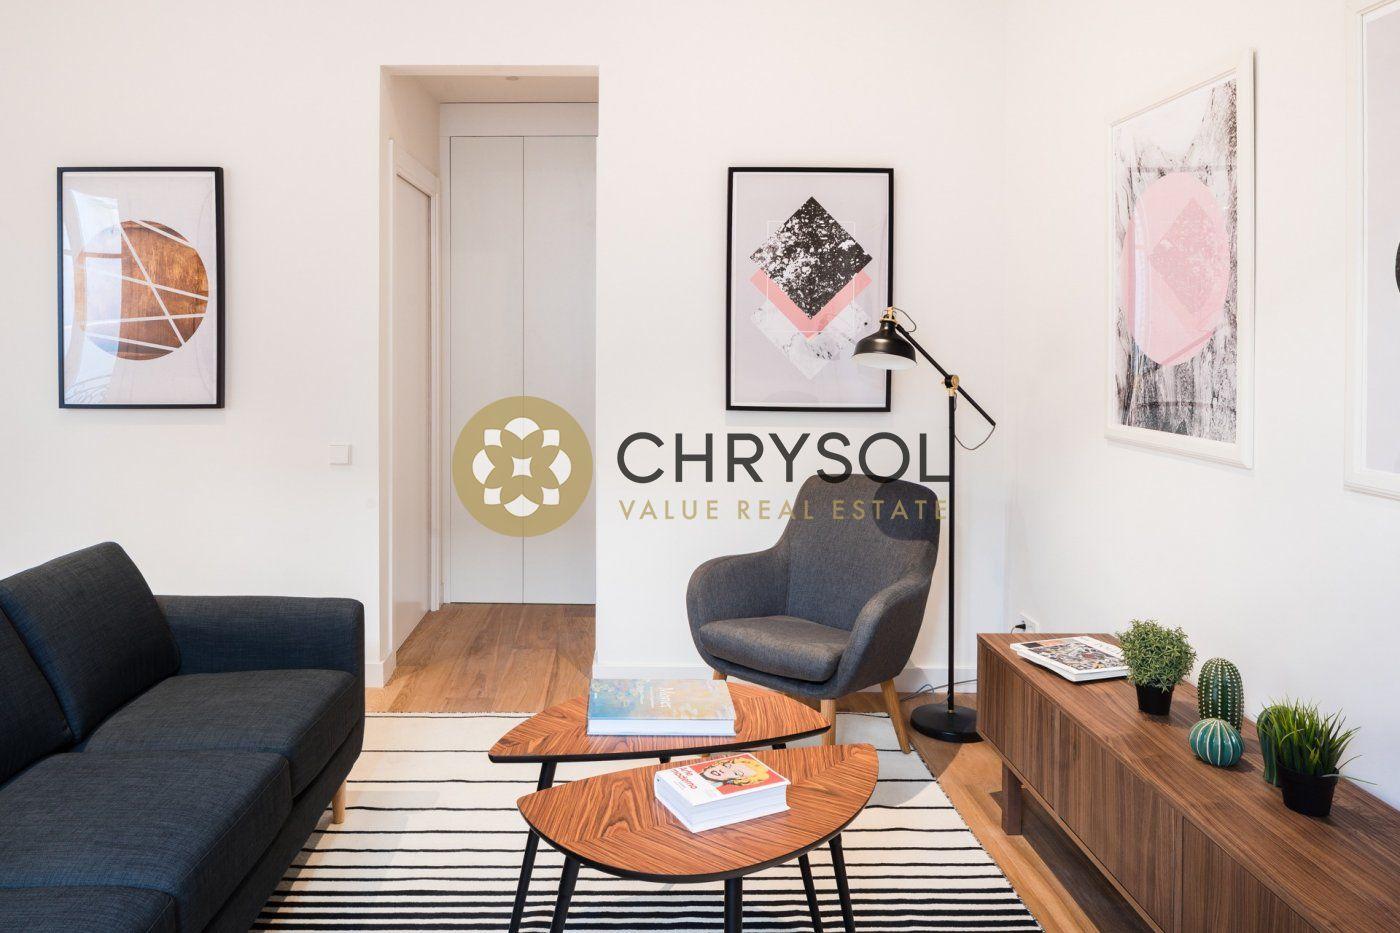 Fotogalería - 16 - Chrysol Value